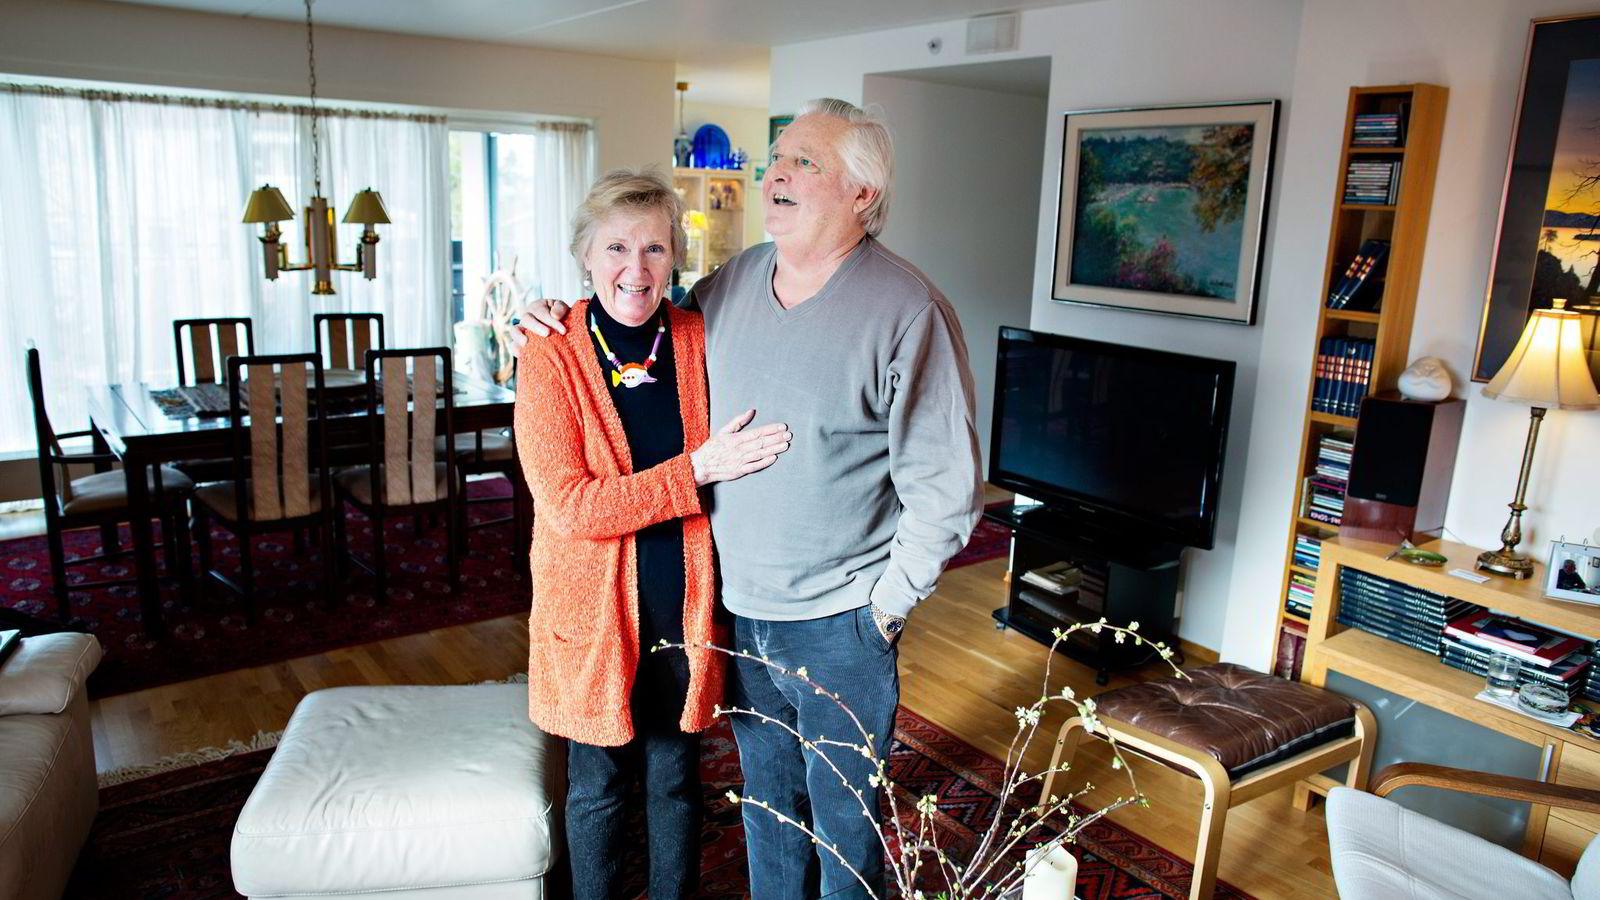 Else-Liv og Kjell Skaar får 9000 kroner utbetalt i månedene livet ut gjennom et seniorlån. De er veldig fornøyd med muligheten til å få ekstra penger ut av boligen. Foto: